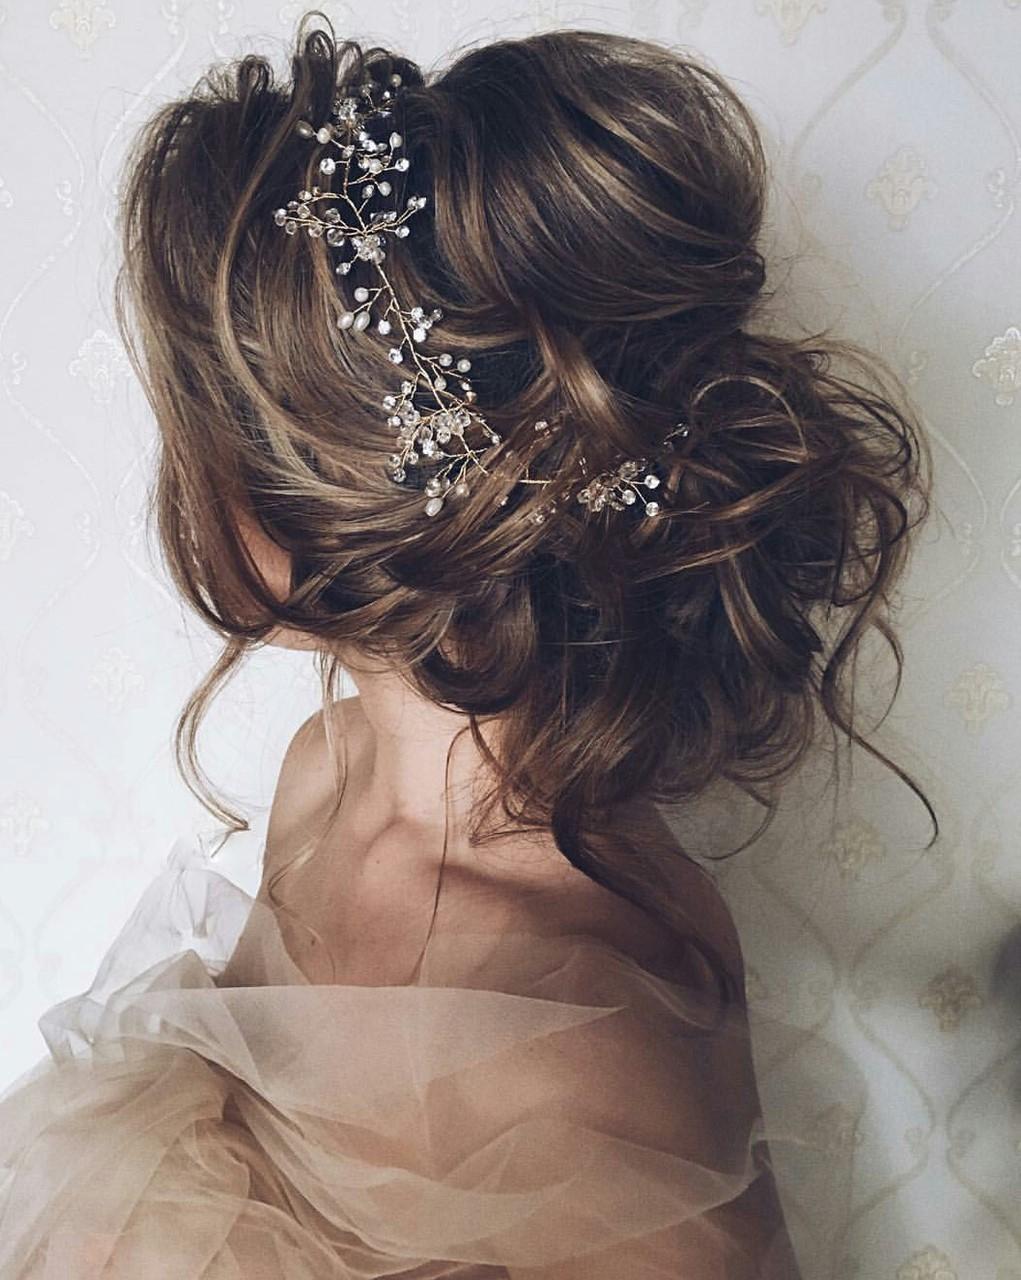 Ce look est totalement nuptial: romantique, doux et impressionnant.